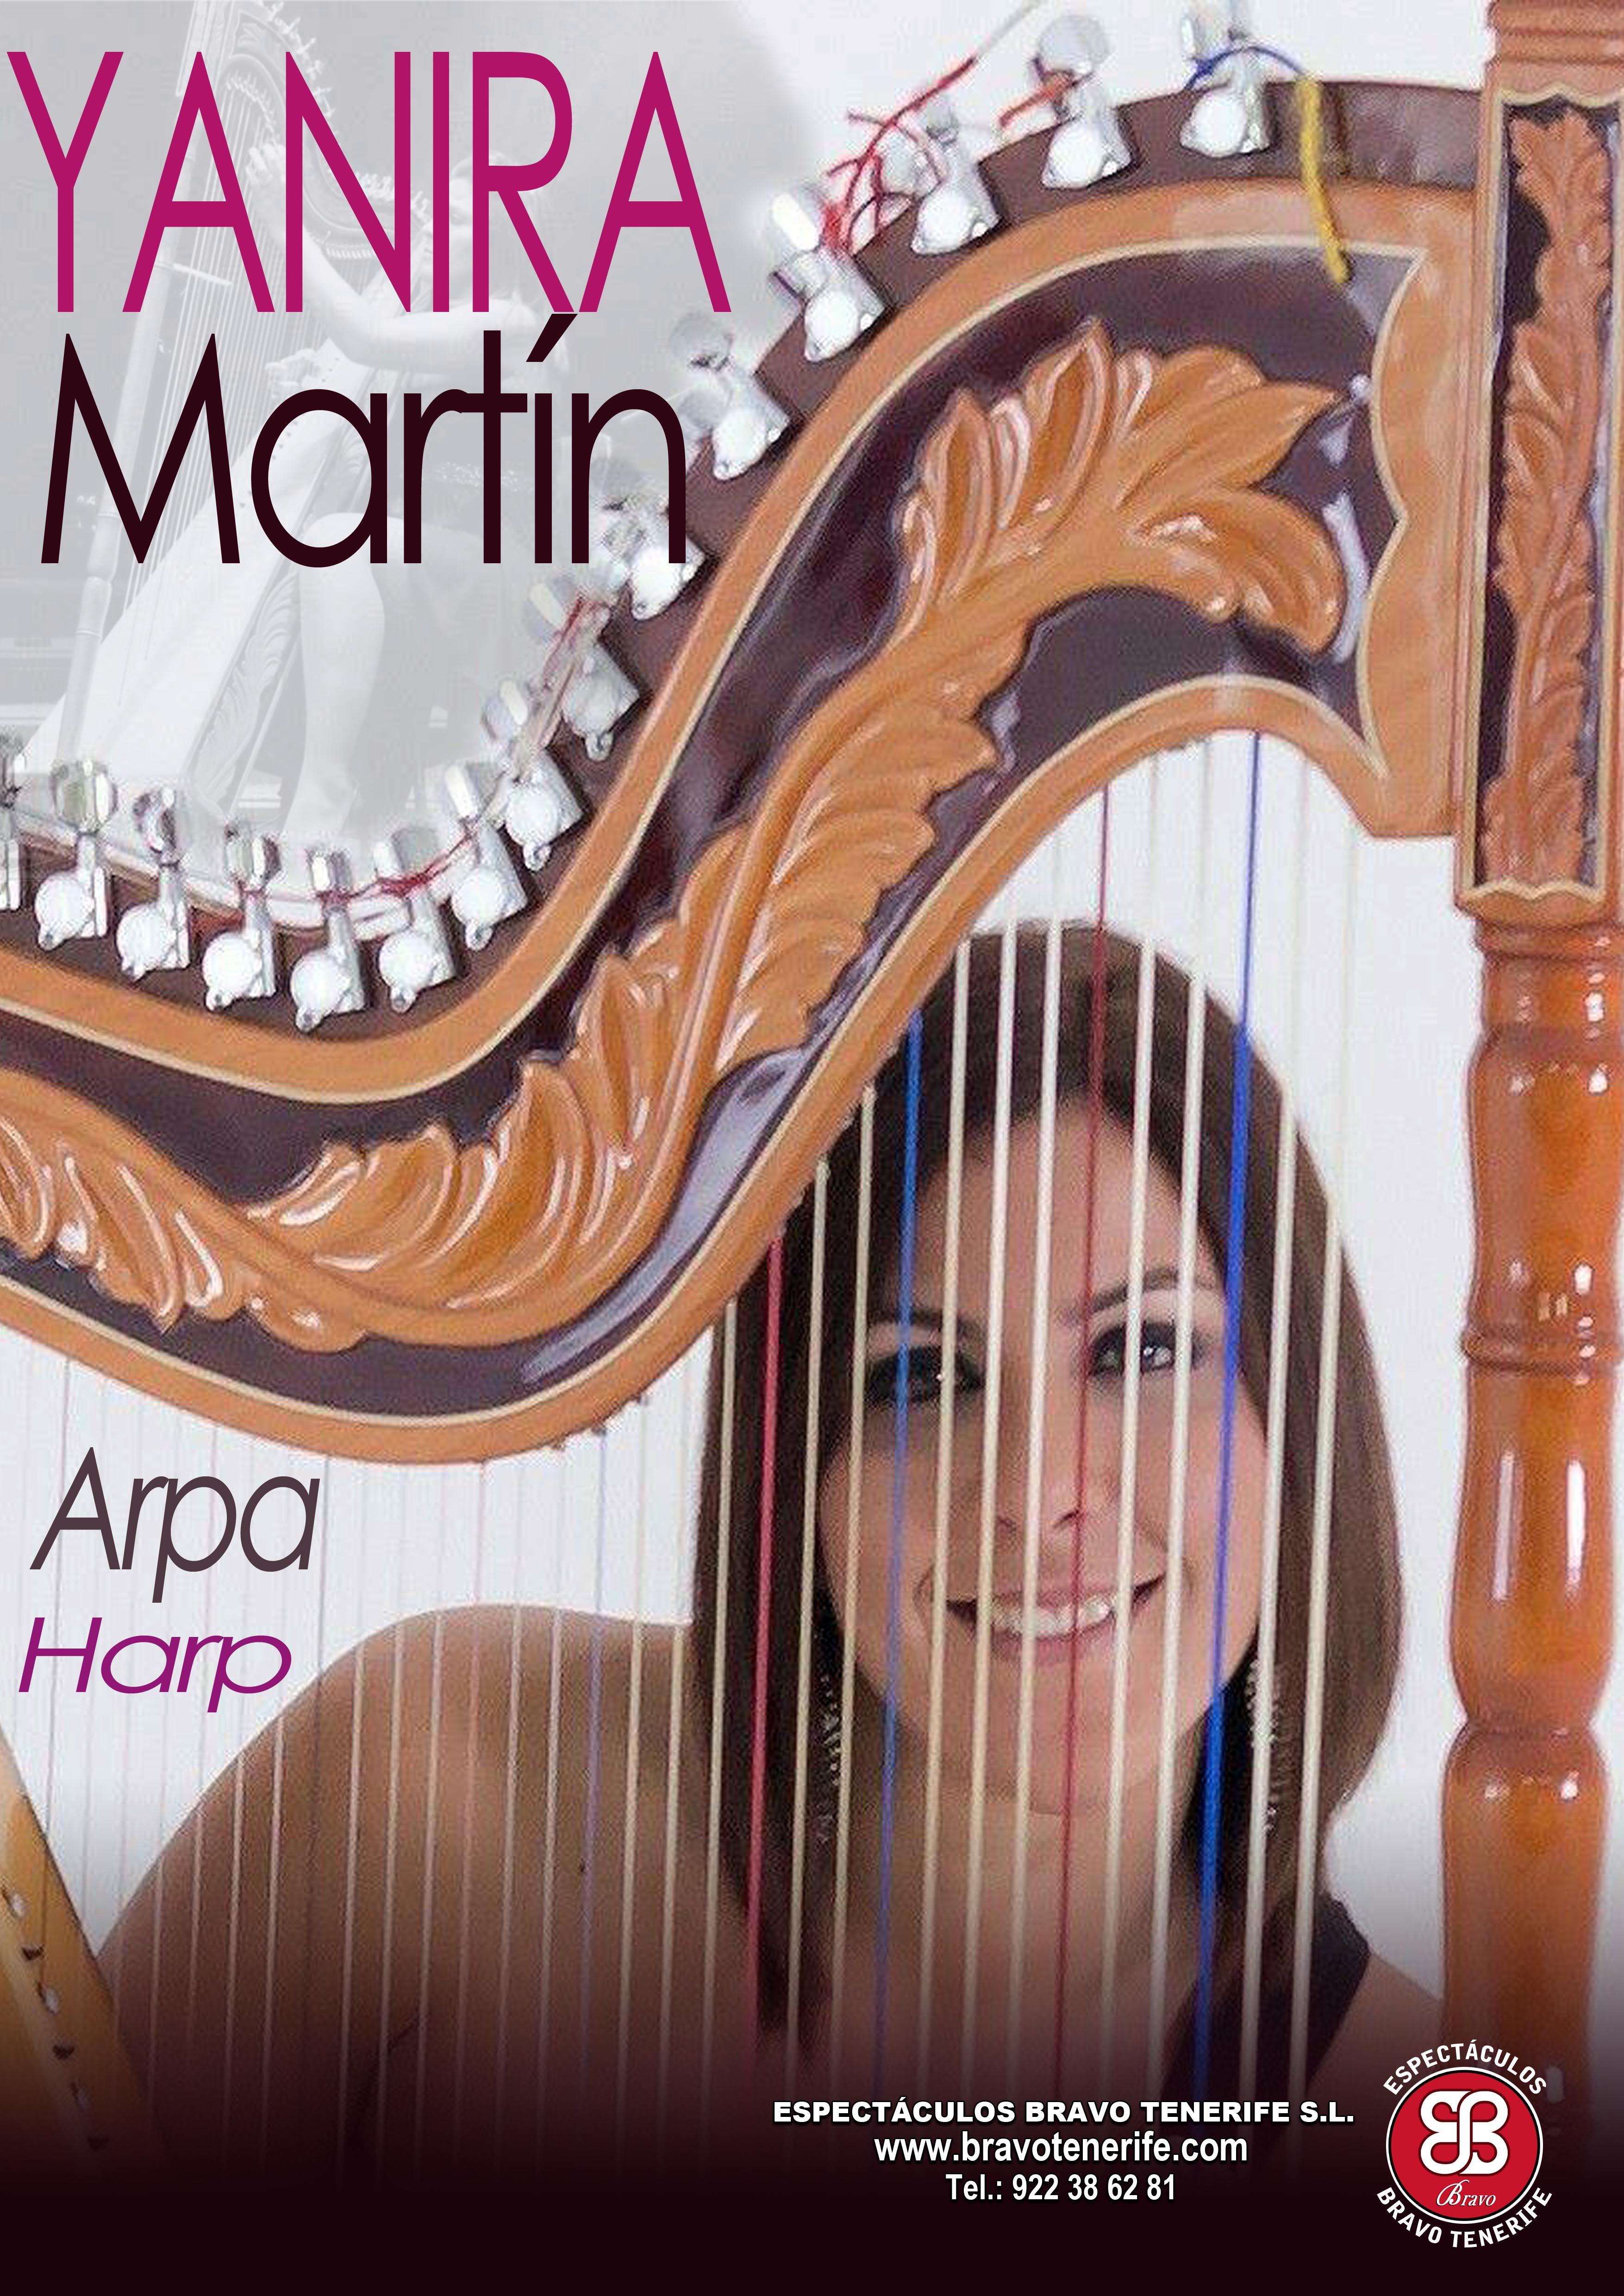 Yanira Martin Bravo